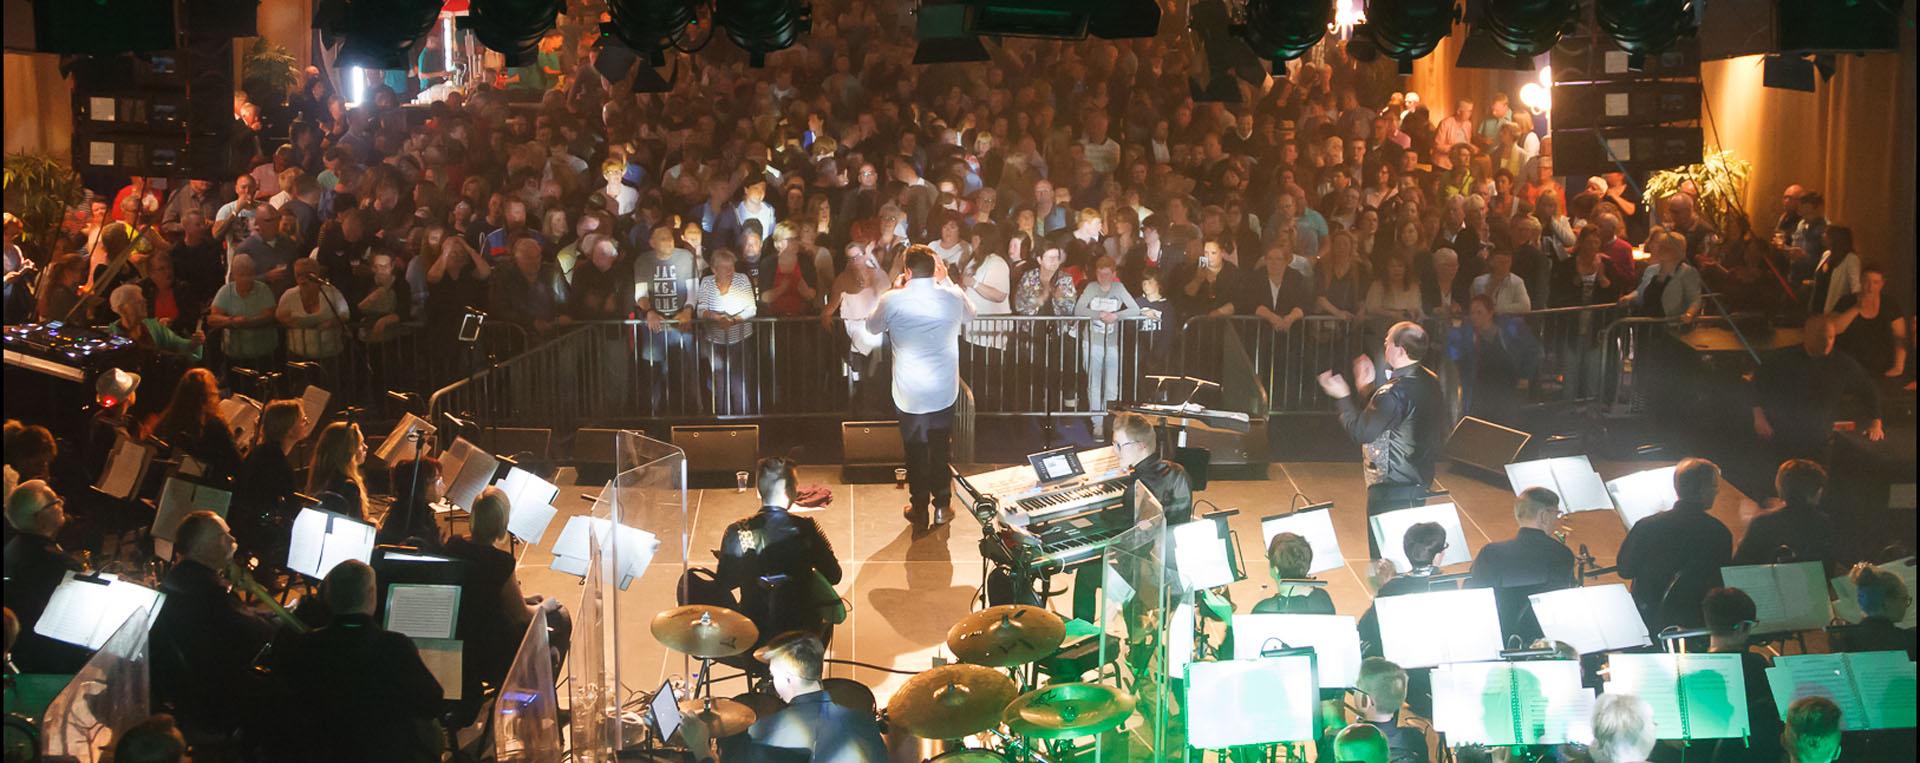 Wij zijn de muziekvereniging met grote en vernieuwende concerten